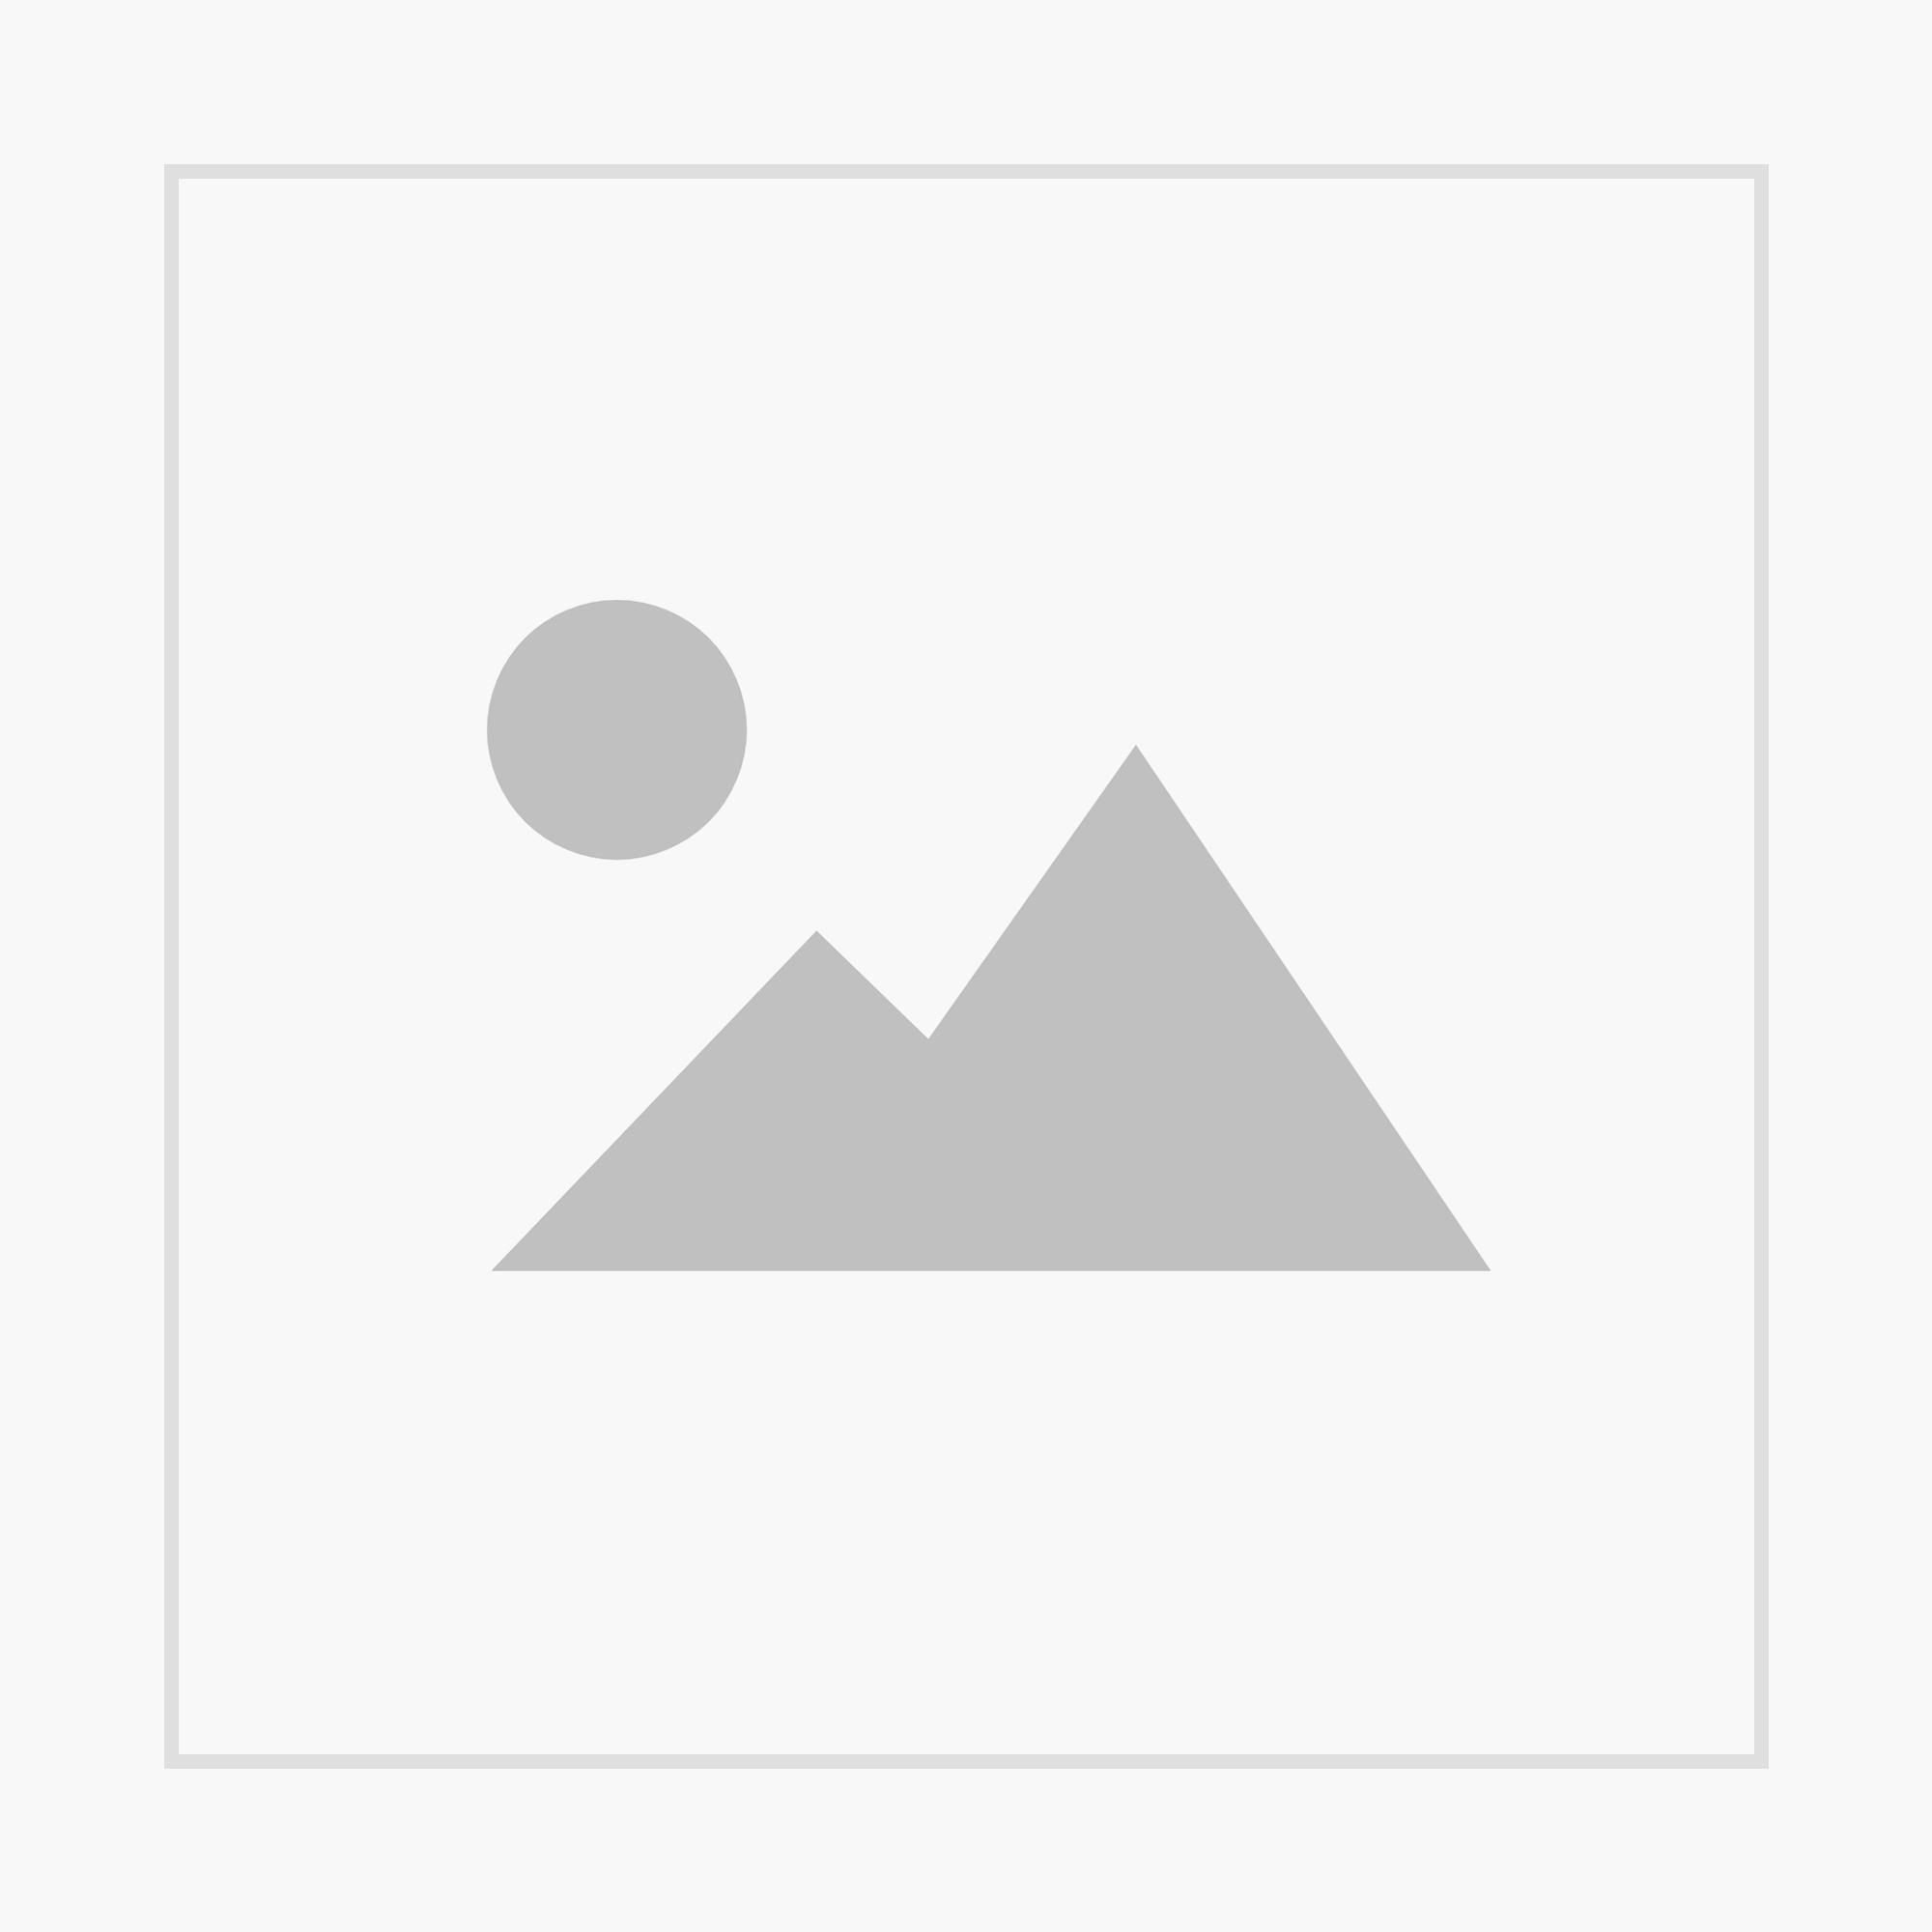 PDF: NaBiV Heft 162: Kompensationsmaßnahmen in der Landwirtschaft nach § 15 BNatSchG